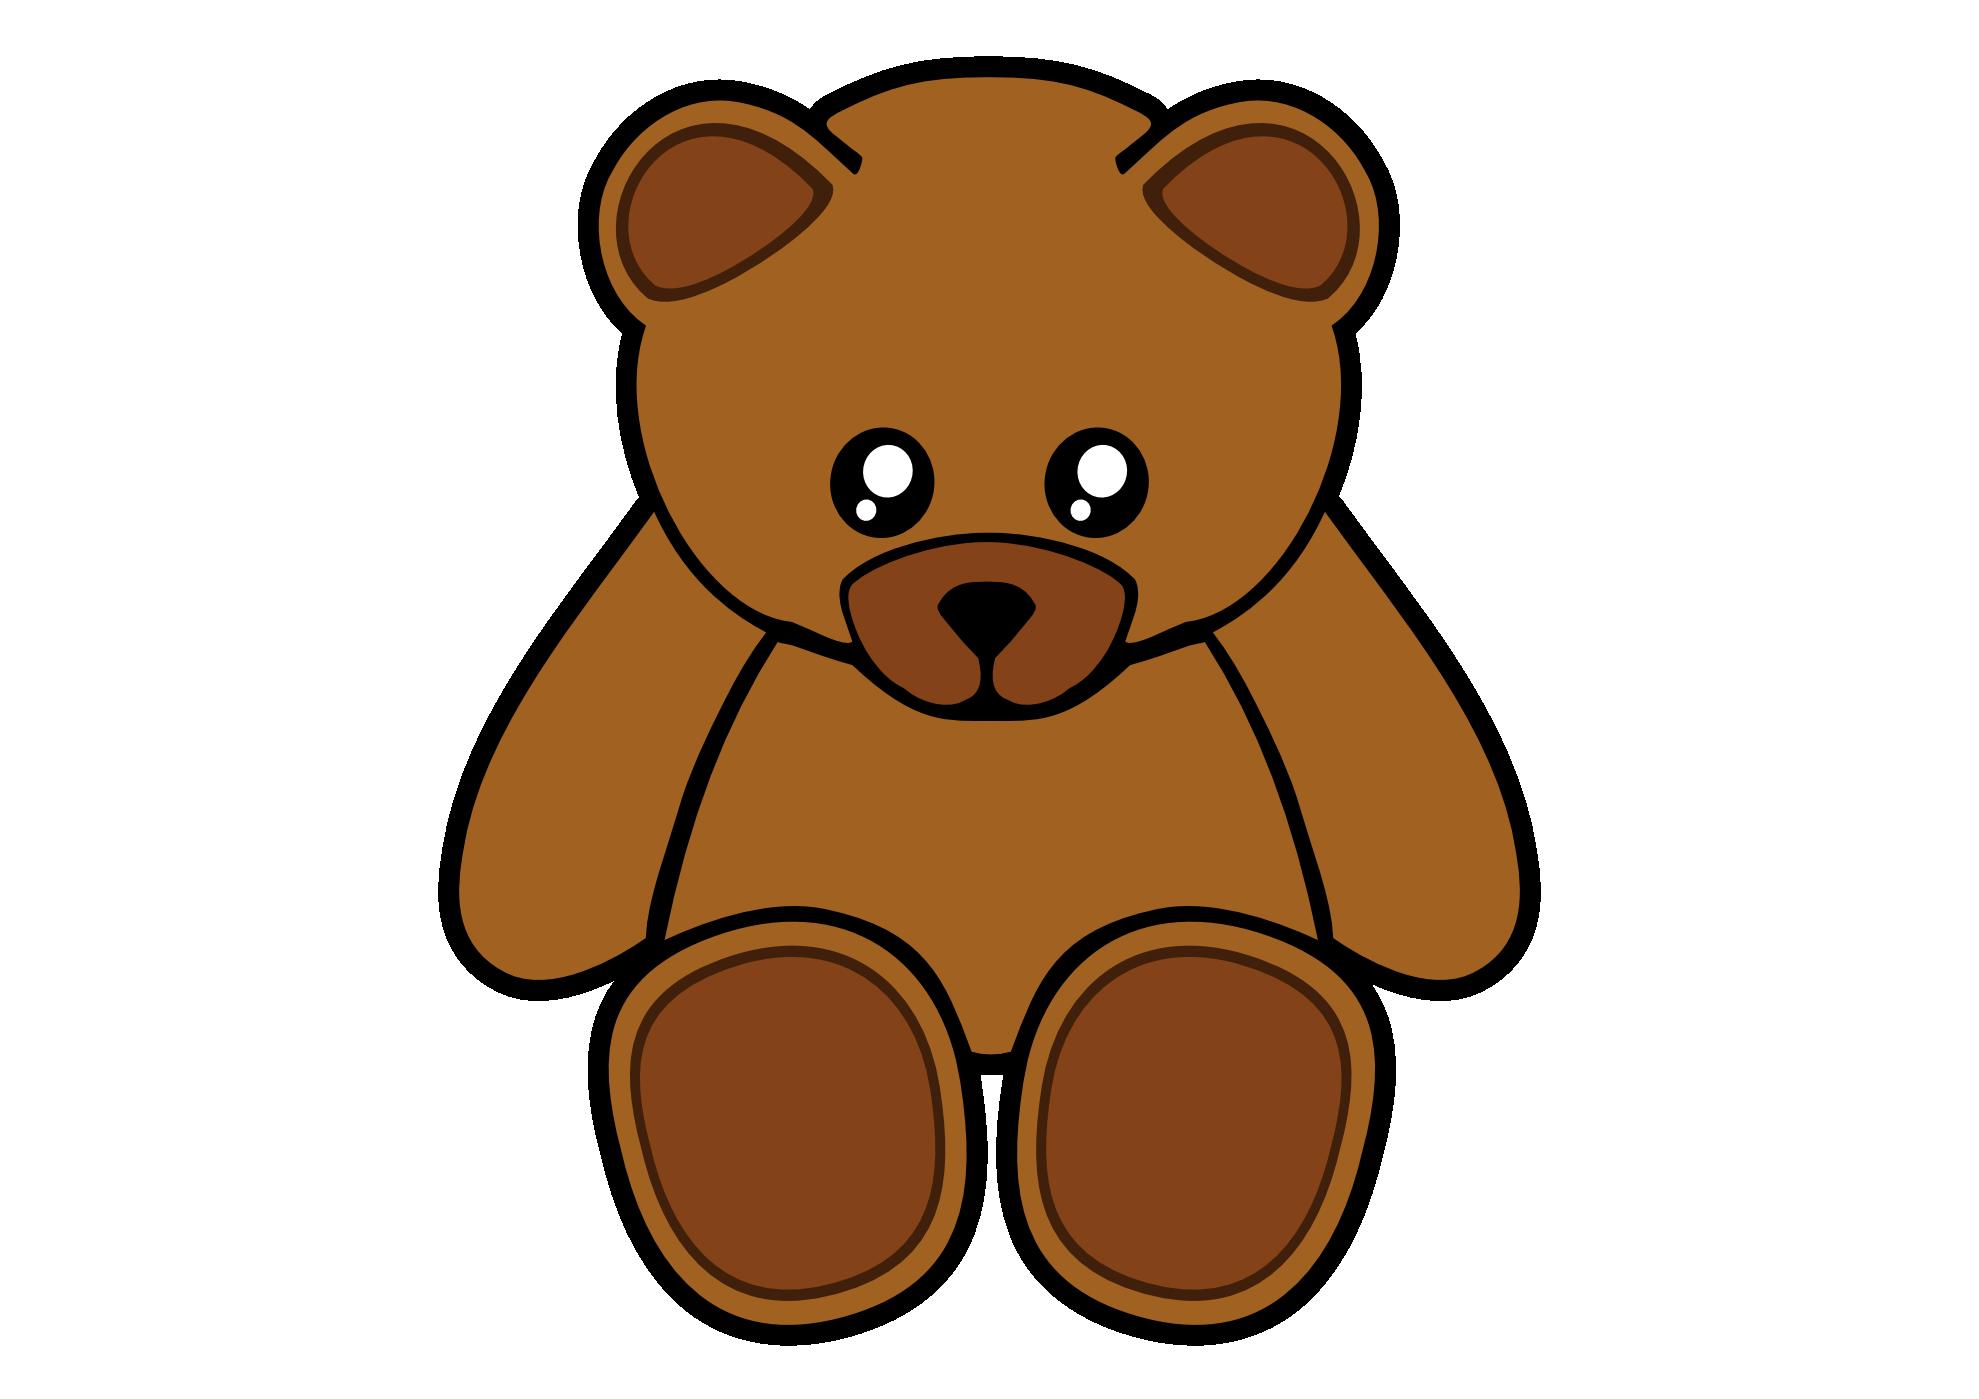 Teddy bear outline clip art 2 3